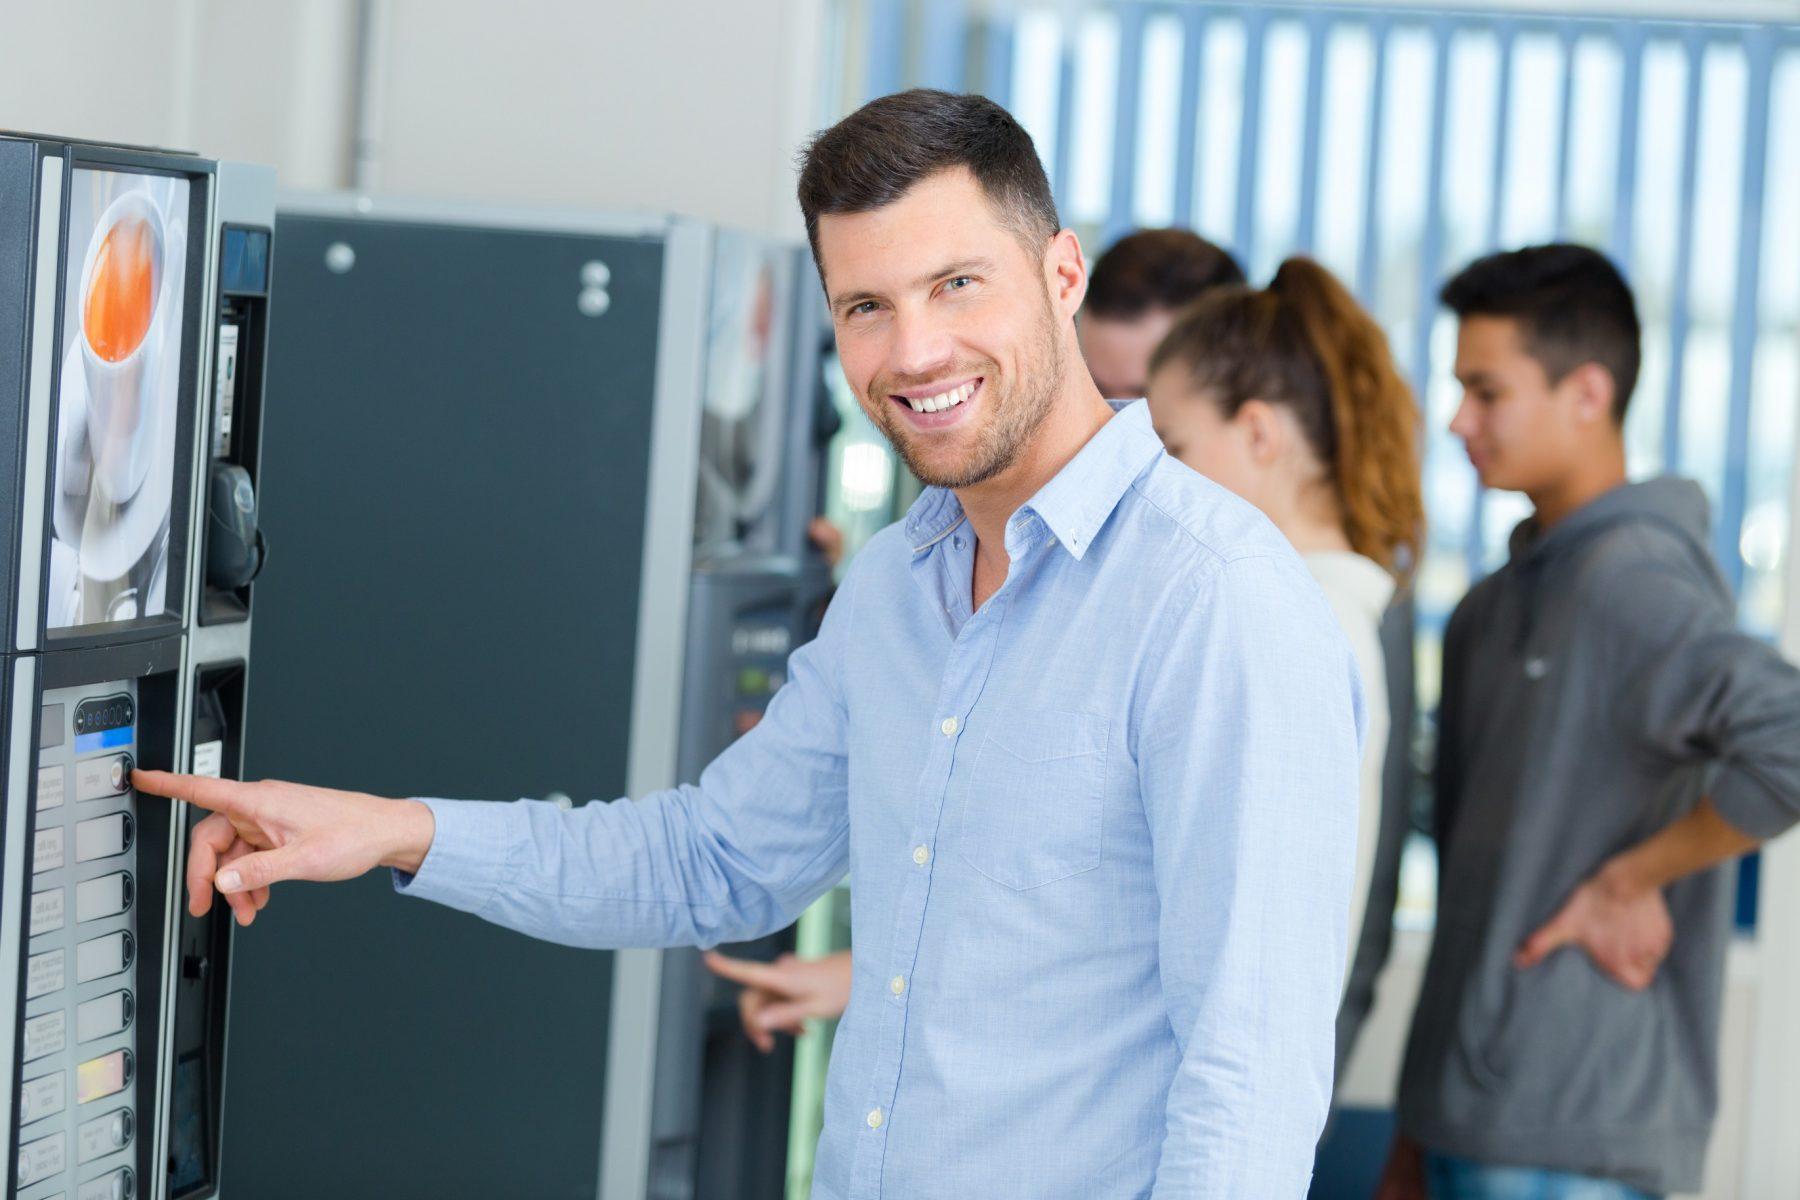 vending technology in nashville break rooms